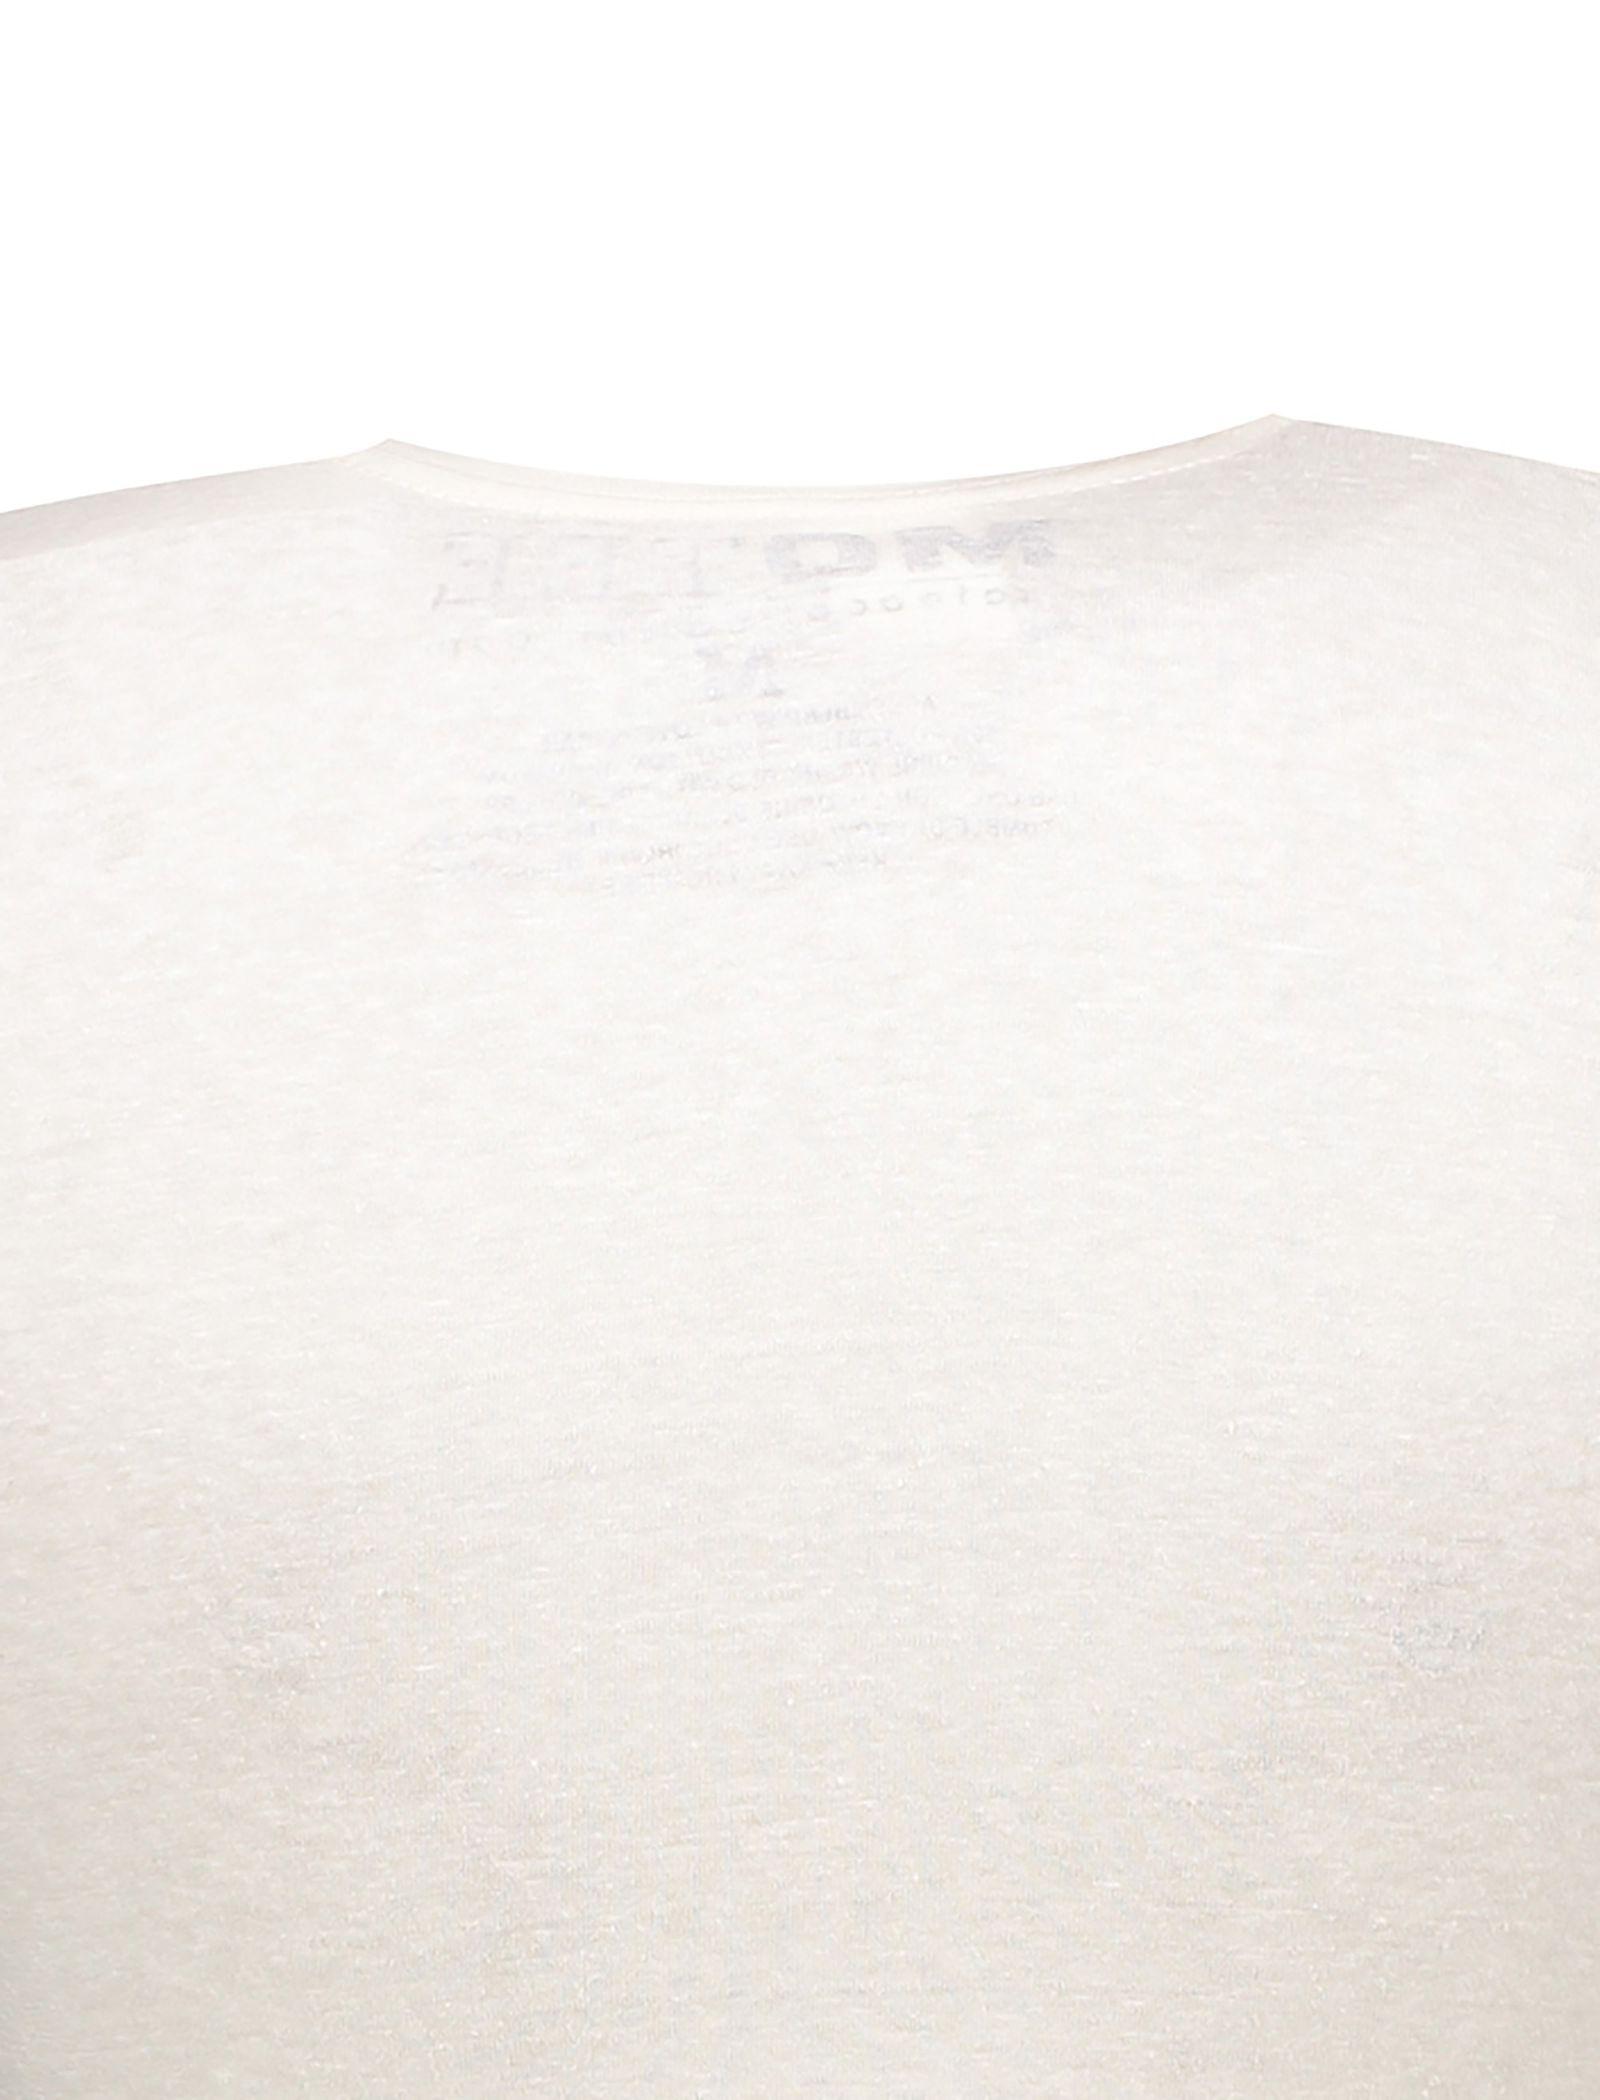 تی شرت یقه گرد زنانه - متی - ُسفيد - 4